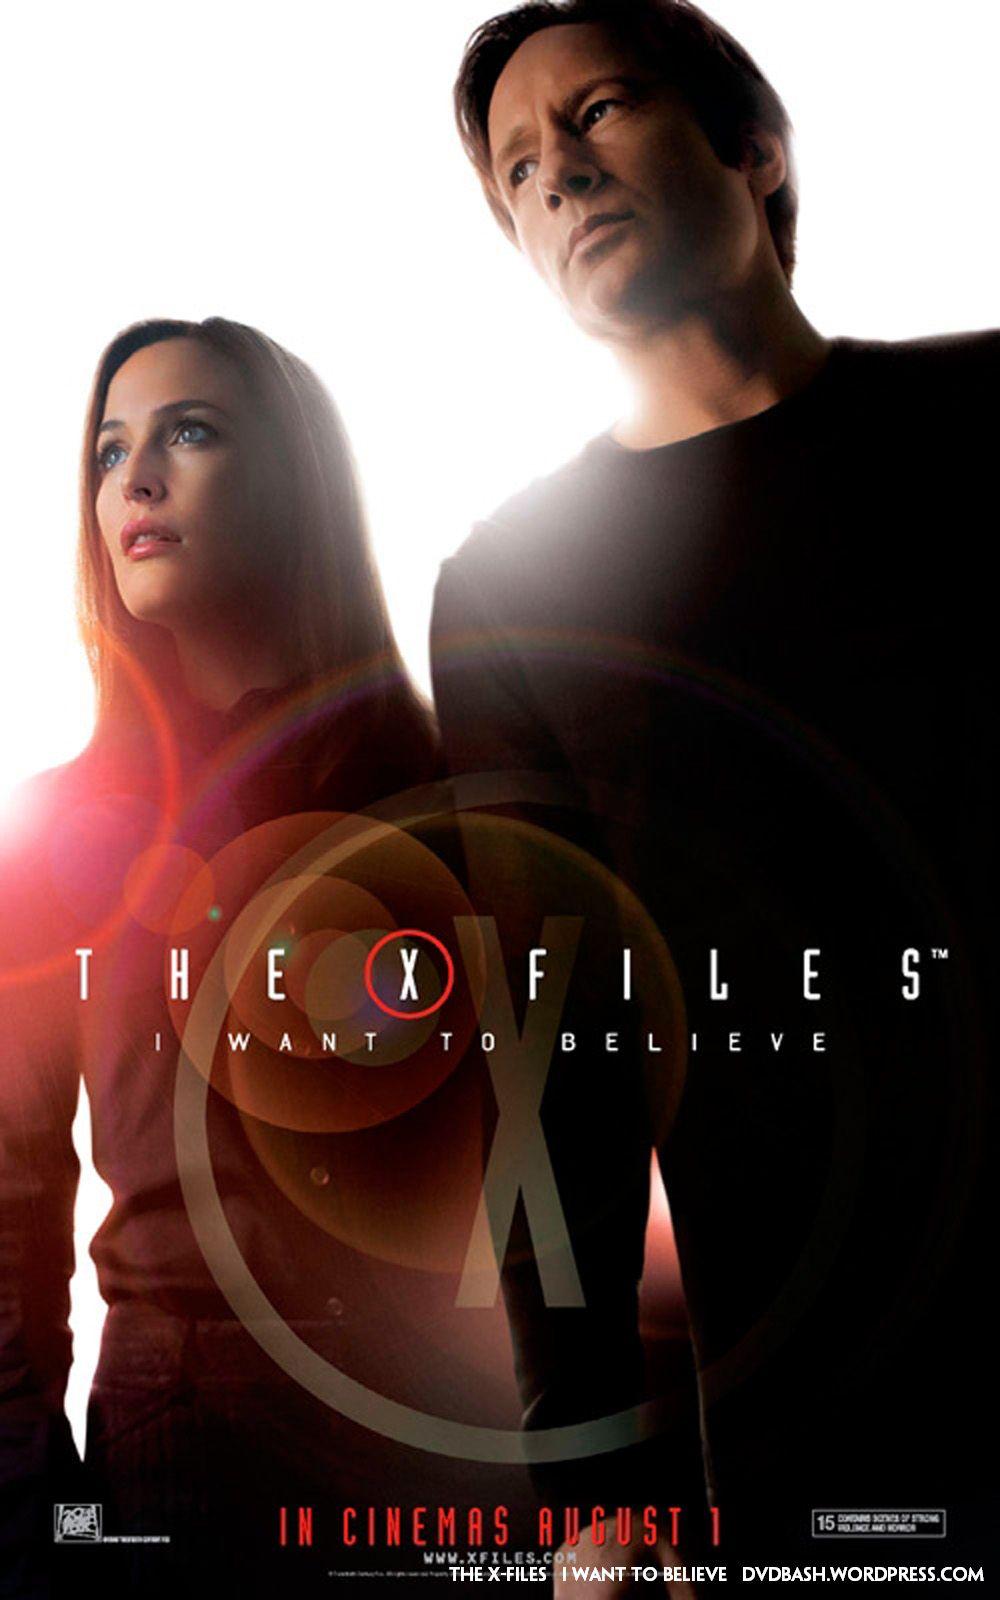 The X-Files I Want to Believe ดิ เอ็กซ์ ไฟล์ ความจริงที่ต้องเชื่อ [HD][พากย์ไทย]